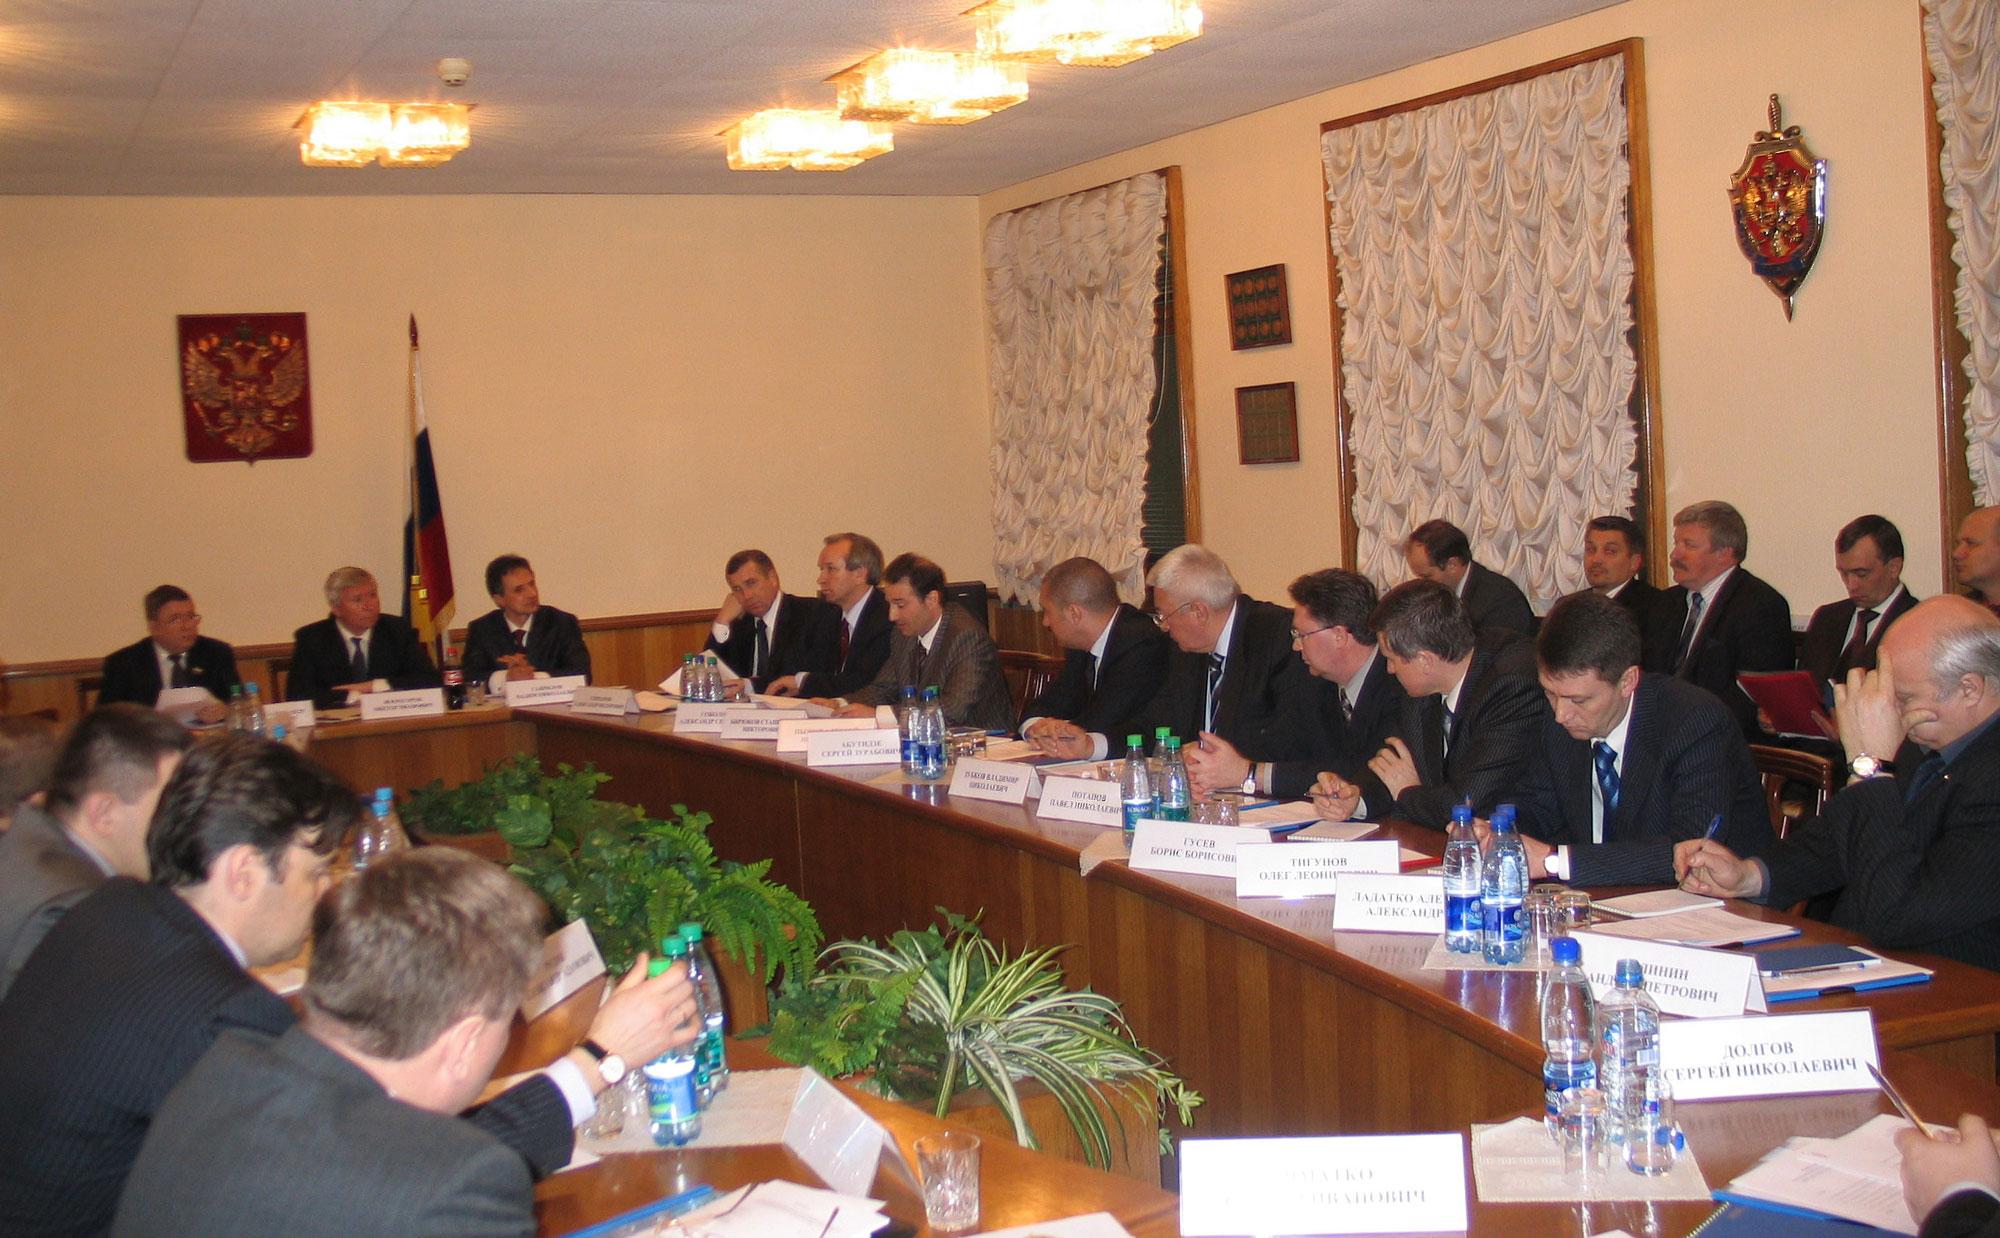 на-IV-заседании-Попечительского-совета-в-зале-заседаний-ФСБ-России